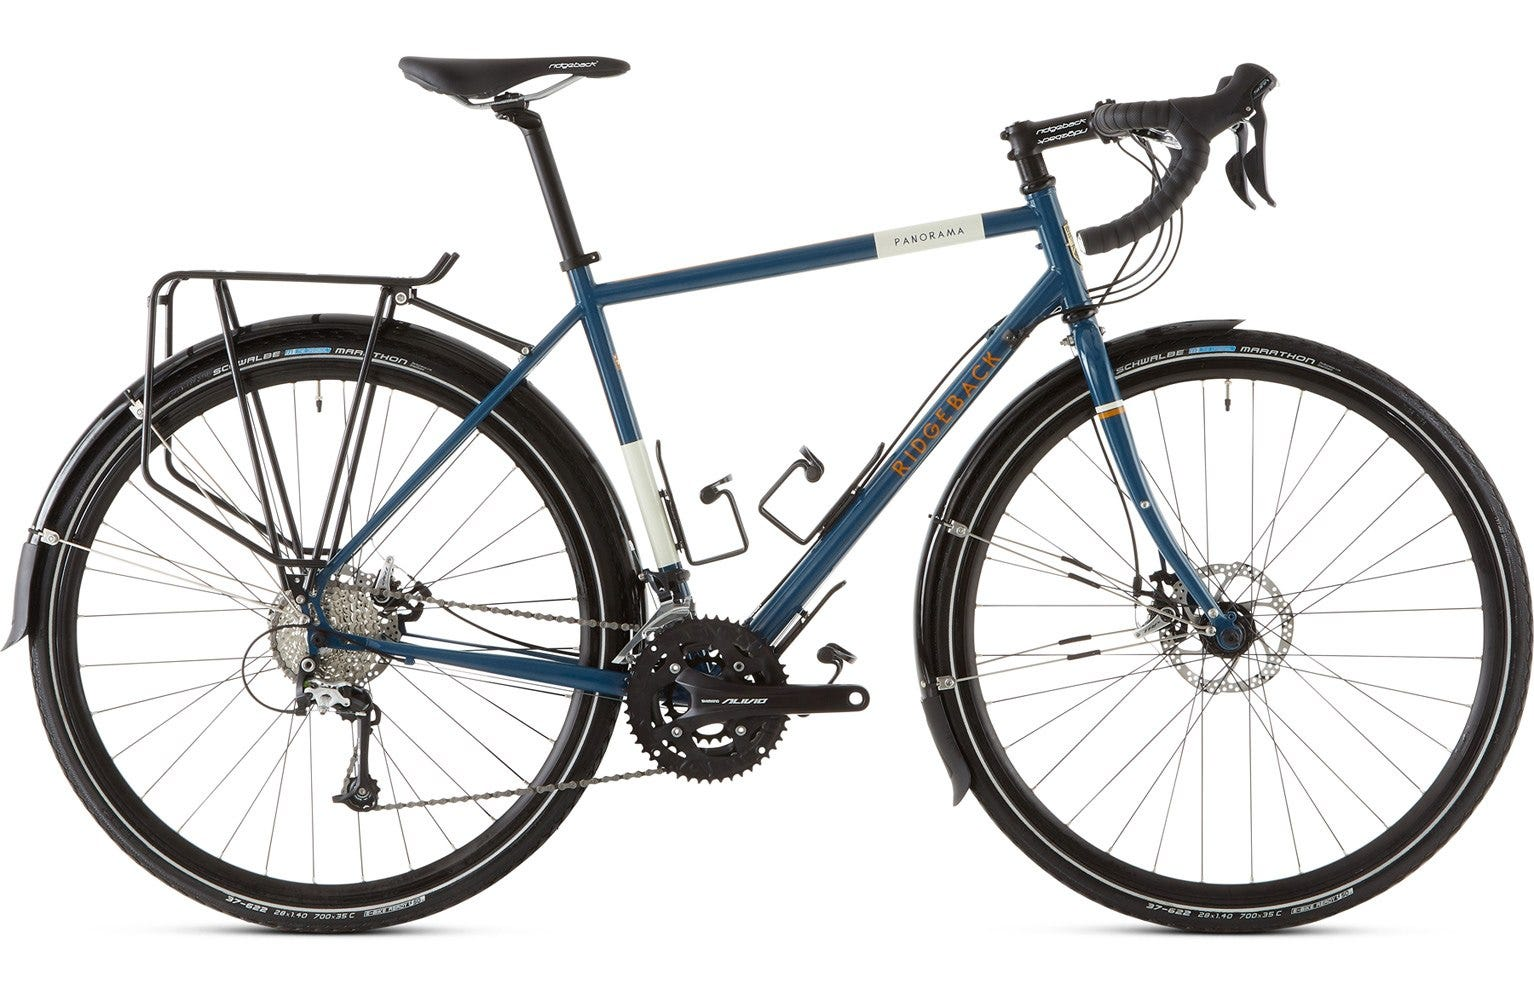 Ridgeback Panorama MD bike sample (unused)